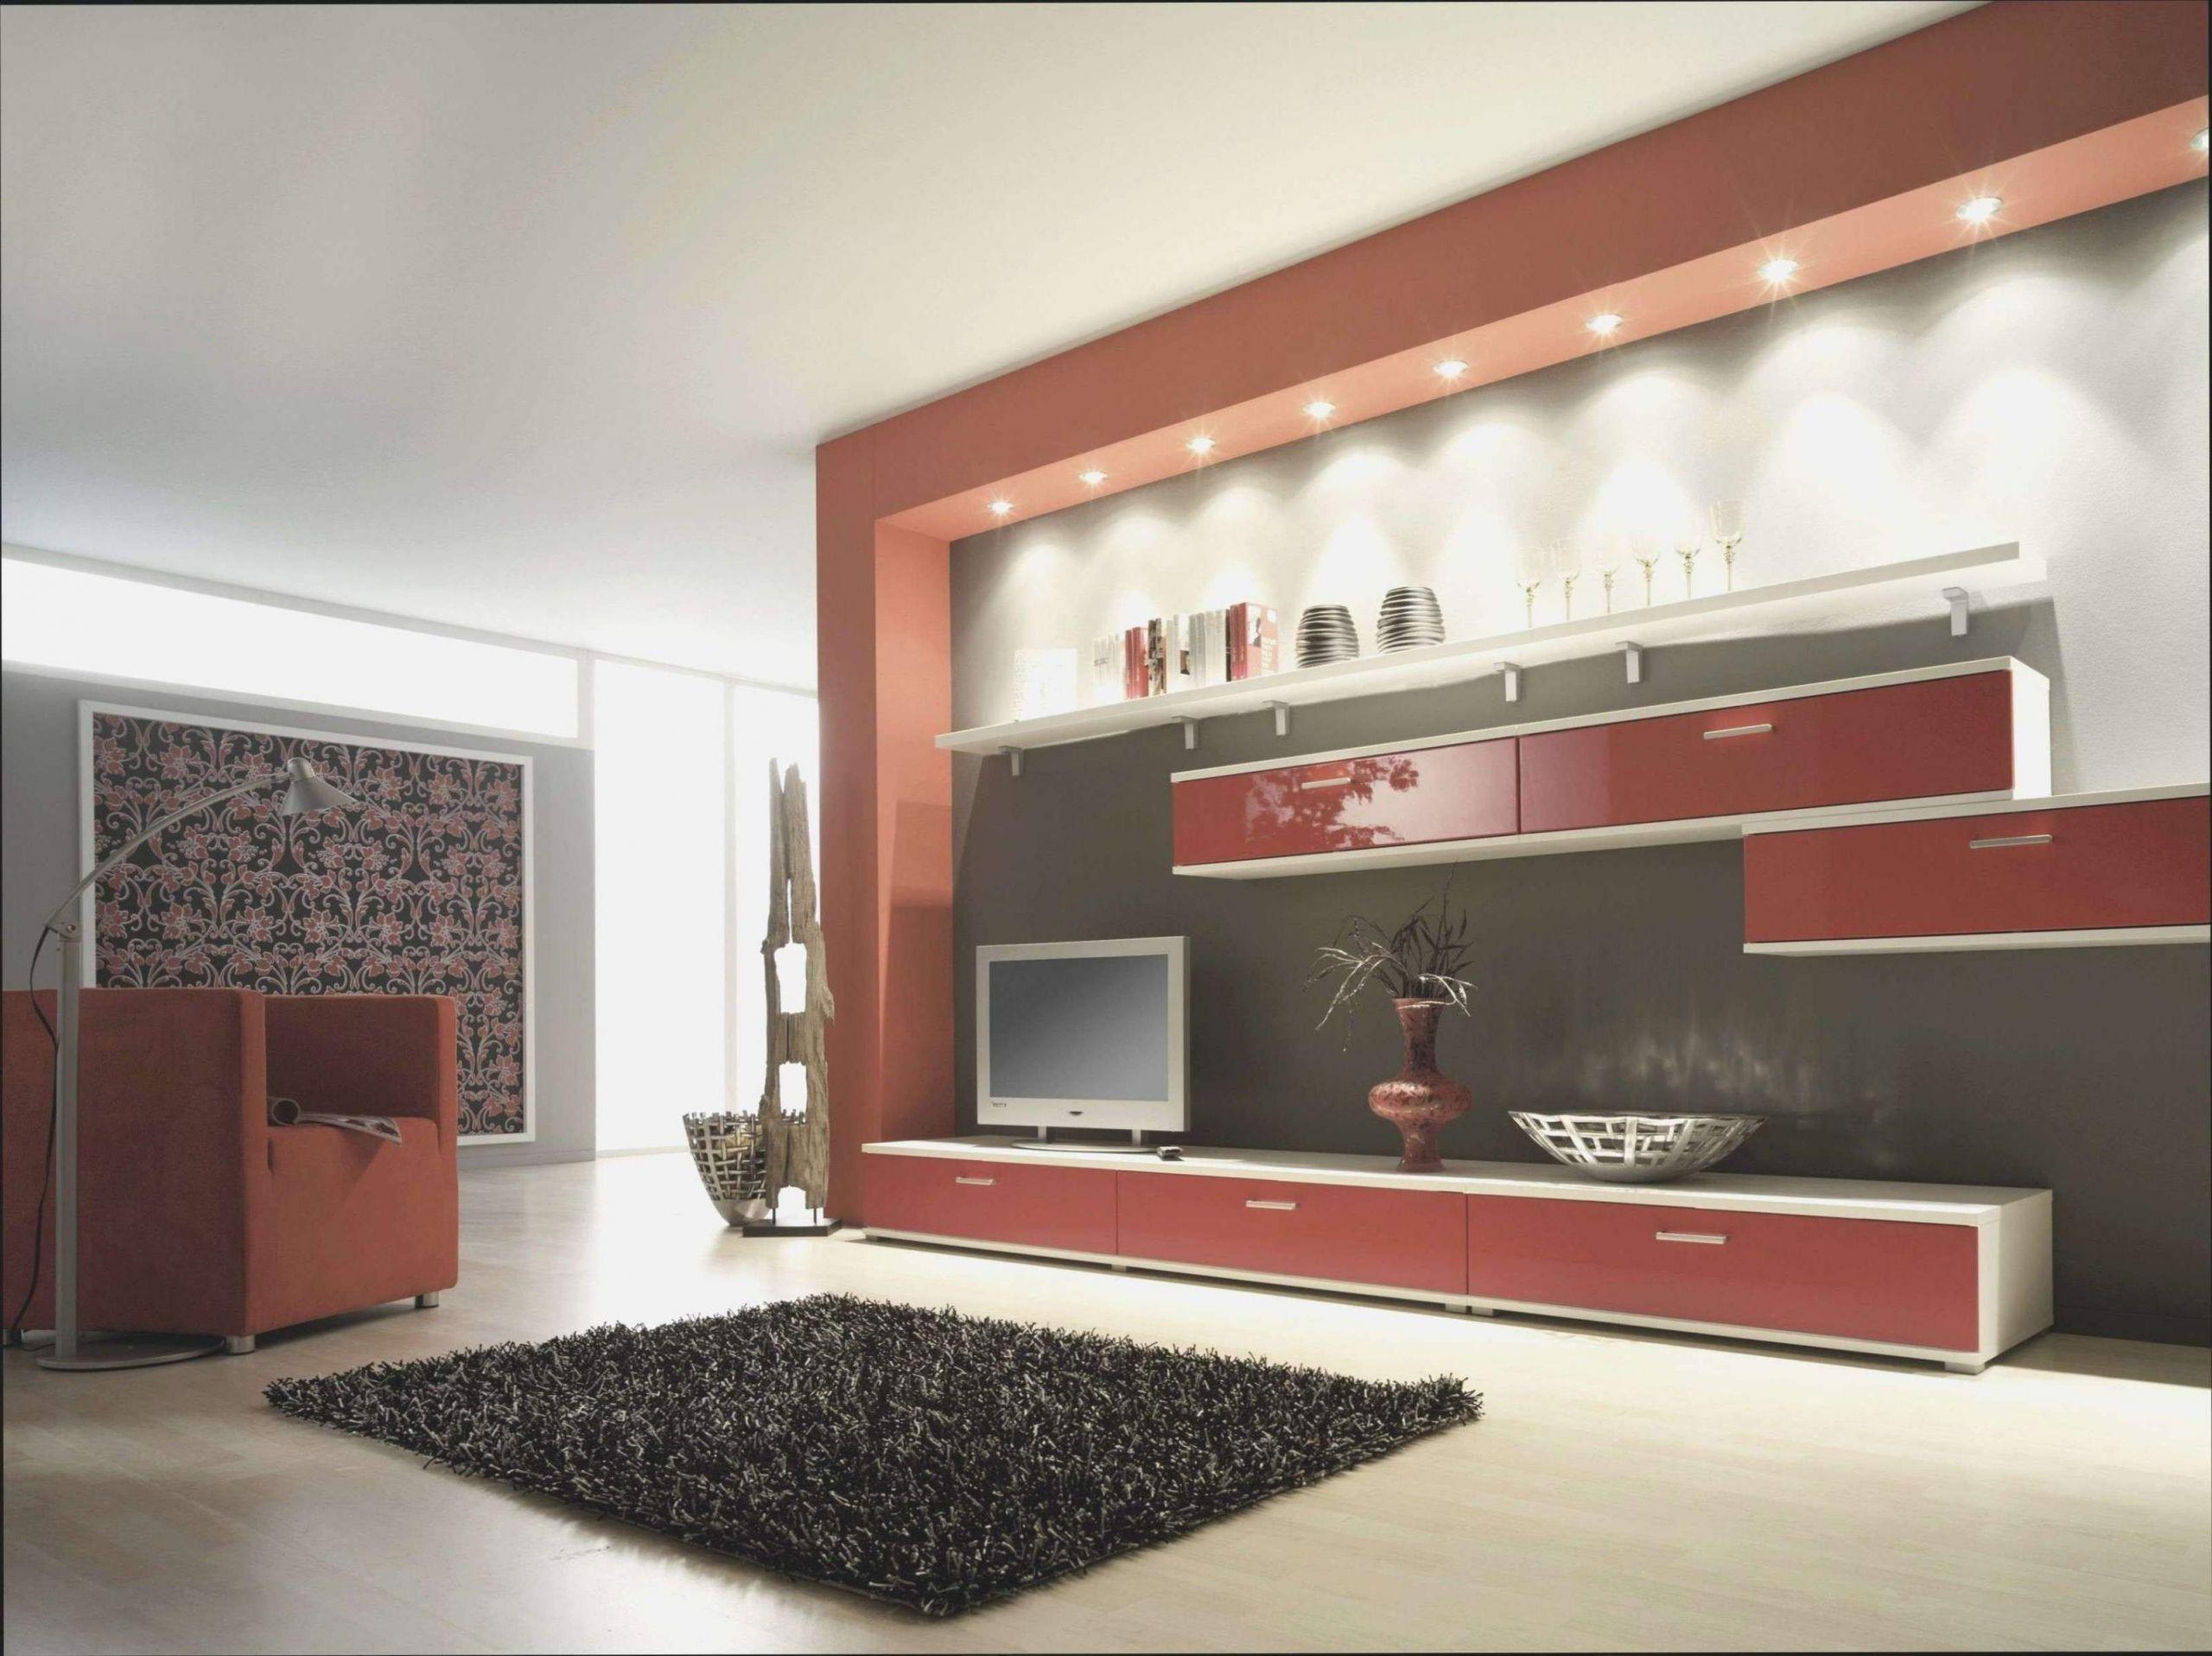 84 einzigartigfotos das deko ideen vor der haustur design ideen von pflanzen fur wohnzimmer pflanzen fur wohnzimmer